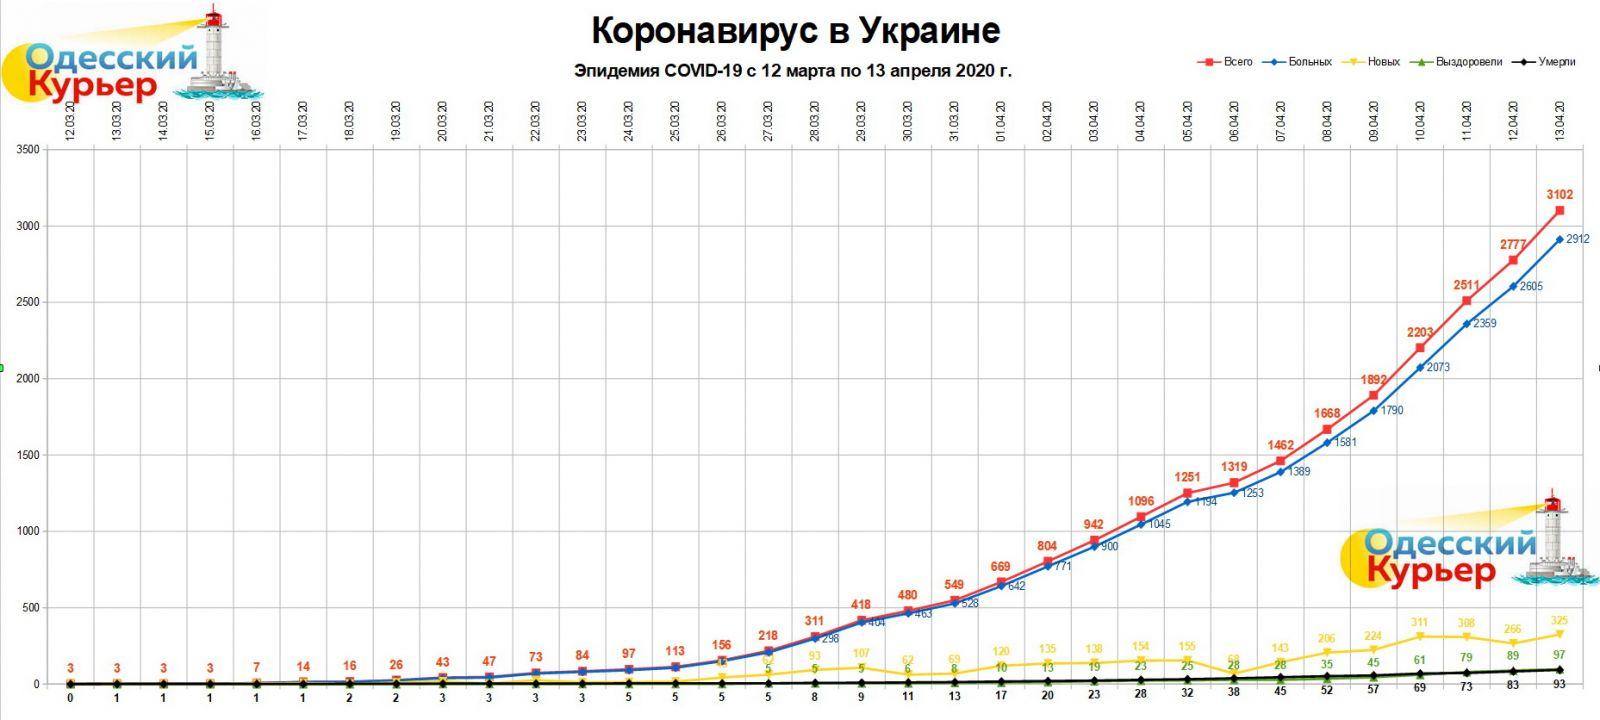 """Инфографика """"Одесского Курьера"""": коронавирус в Украине с 12 марта по 13 апреля. 12 марта - дата, когда количество заболевших стало больше одного, 13 марта - дата первого смертельного случая."""